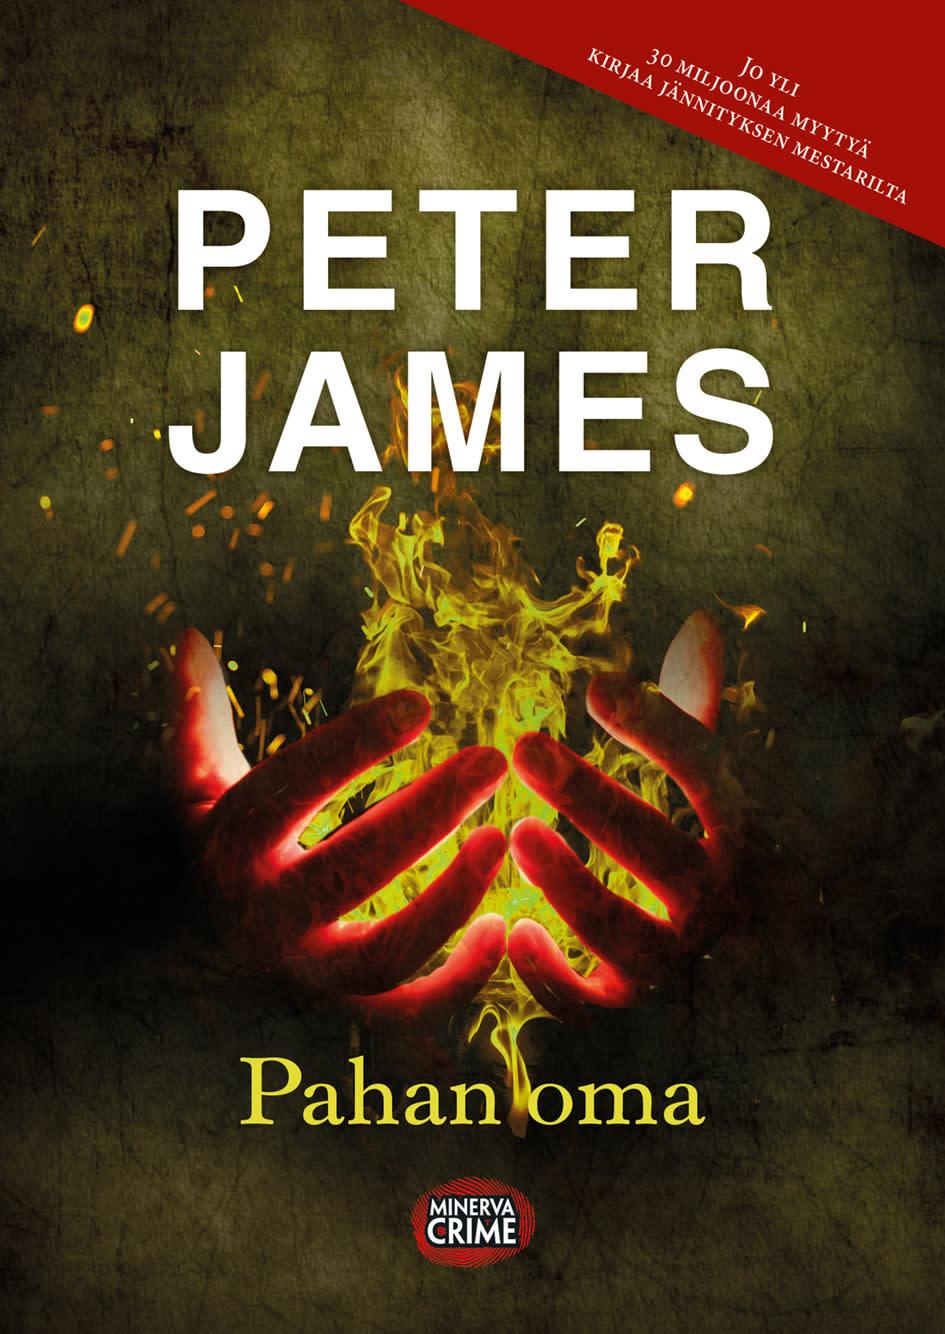 Peter James: Pahan oma   Karkkainen.com verkkokauppa